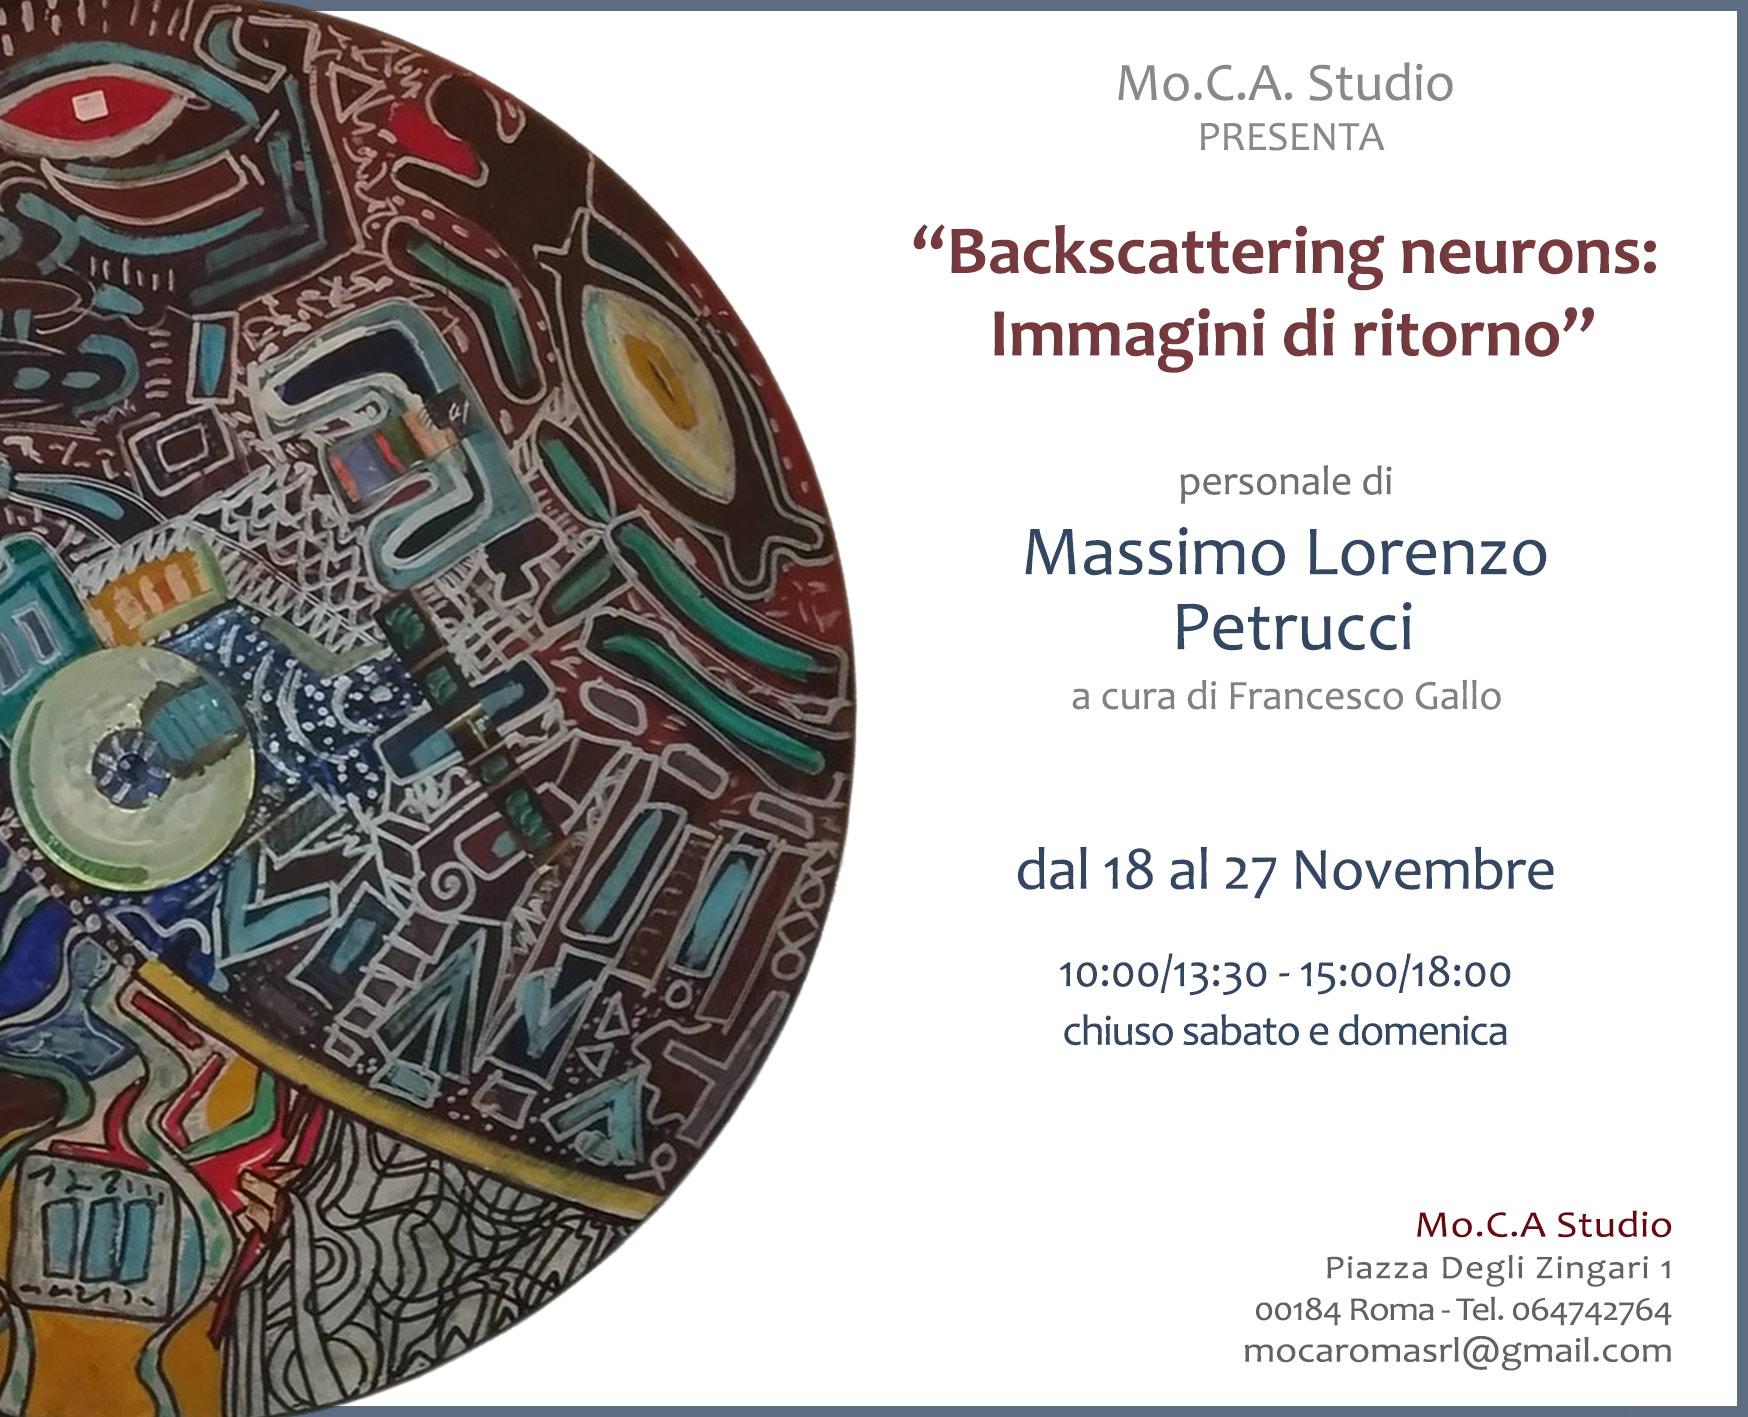 BACKSCATTERING NEURONS: IMMAGINI DI RITORNO